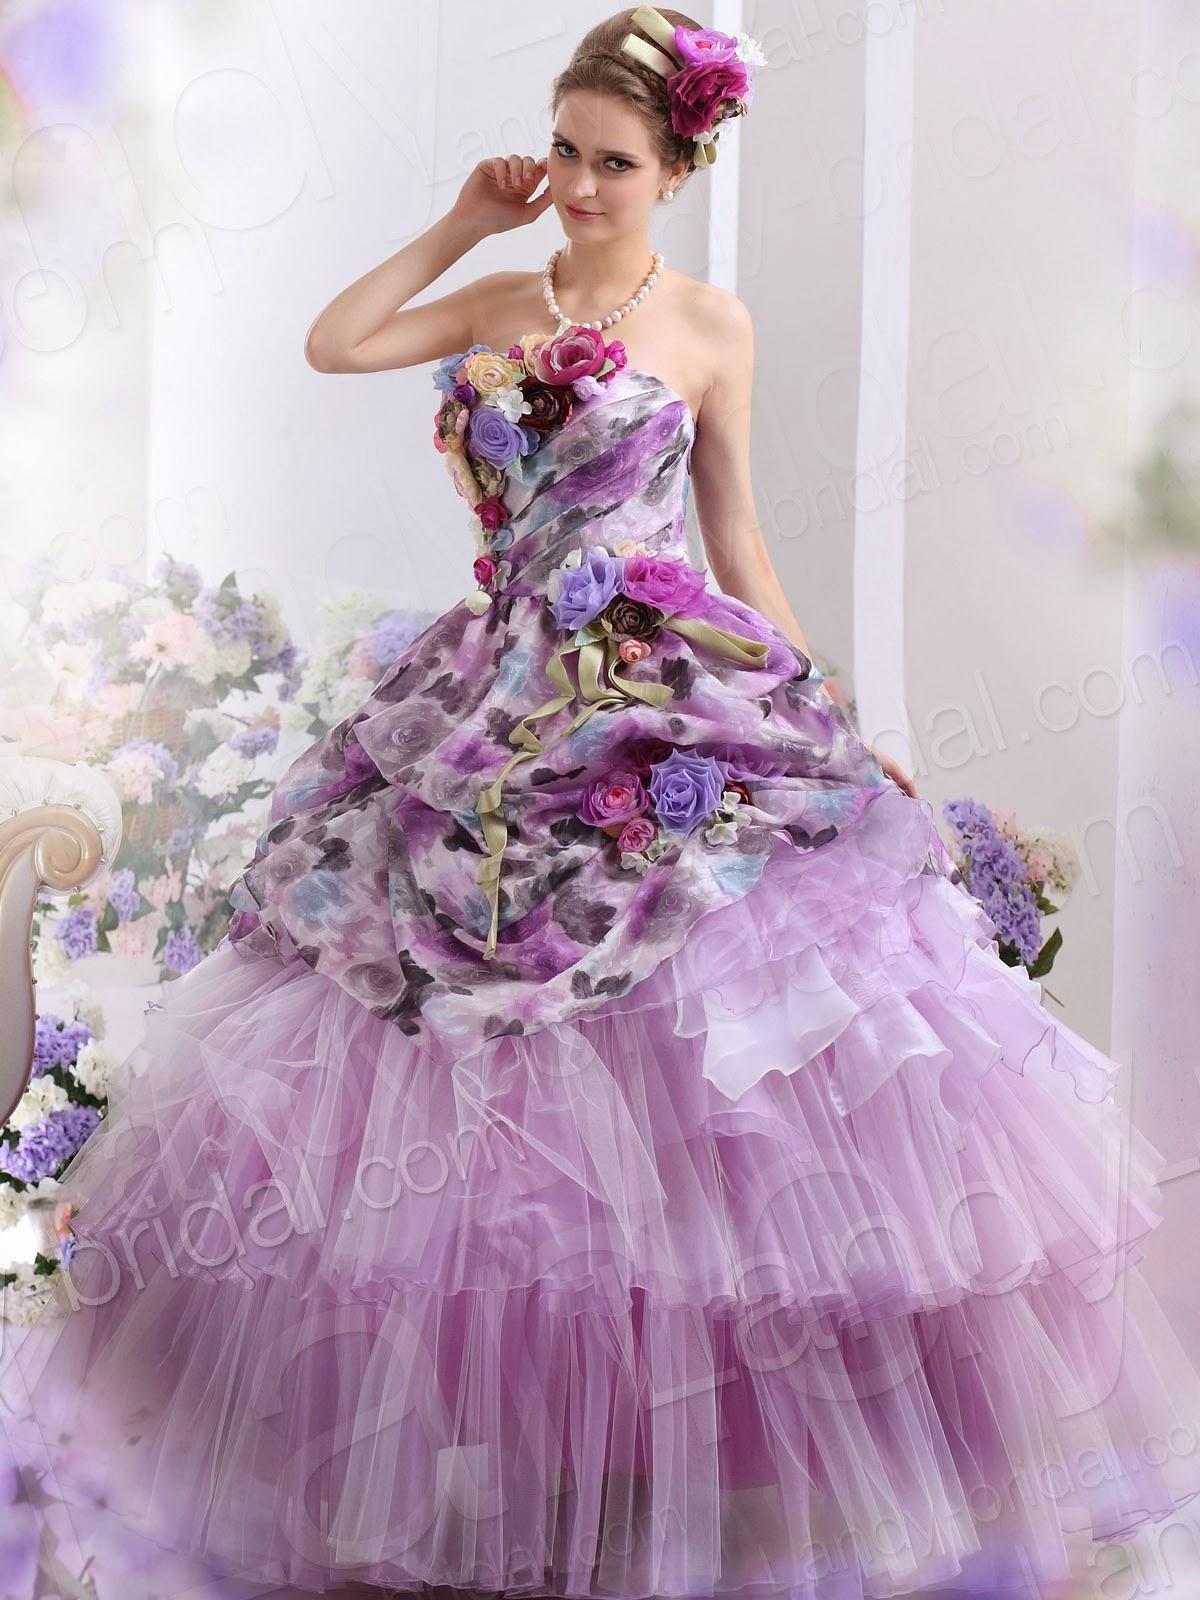 Strapless Wedding Dresses Ball Gown | HD Wallpaper